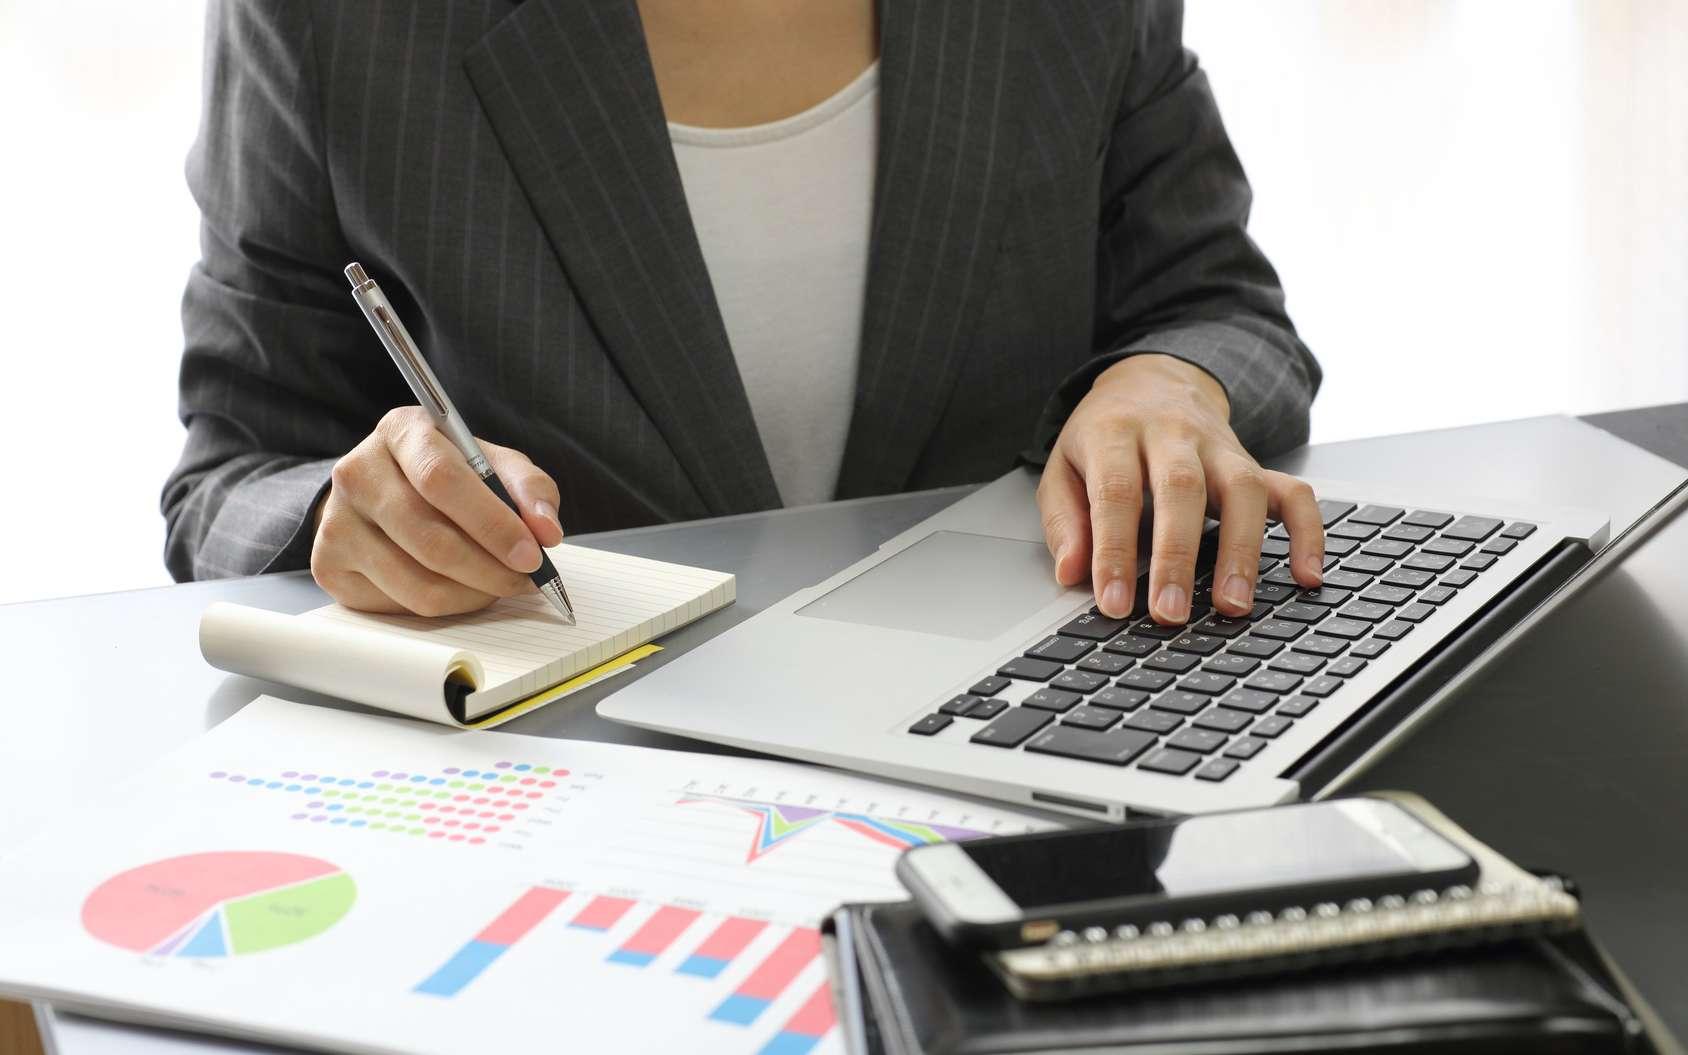 Fusionner et fractionner des cellules dans Excel permet de travailler la mise en page. © shige, Fotolia